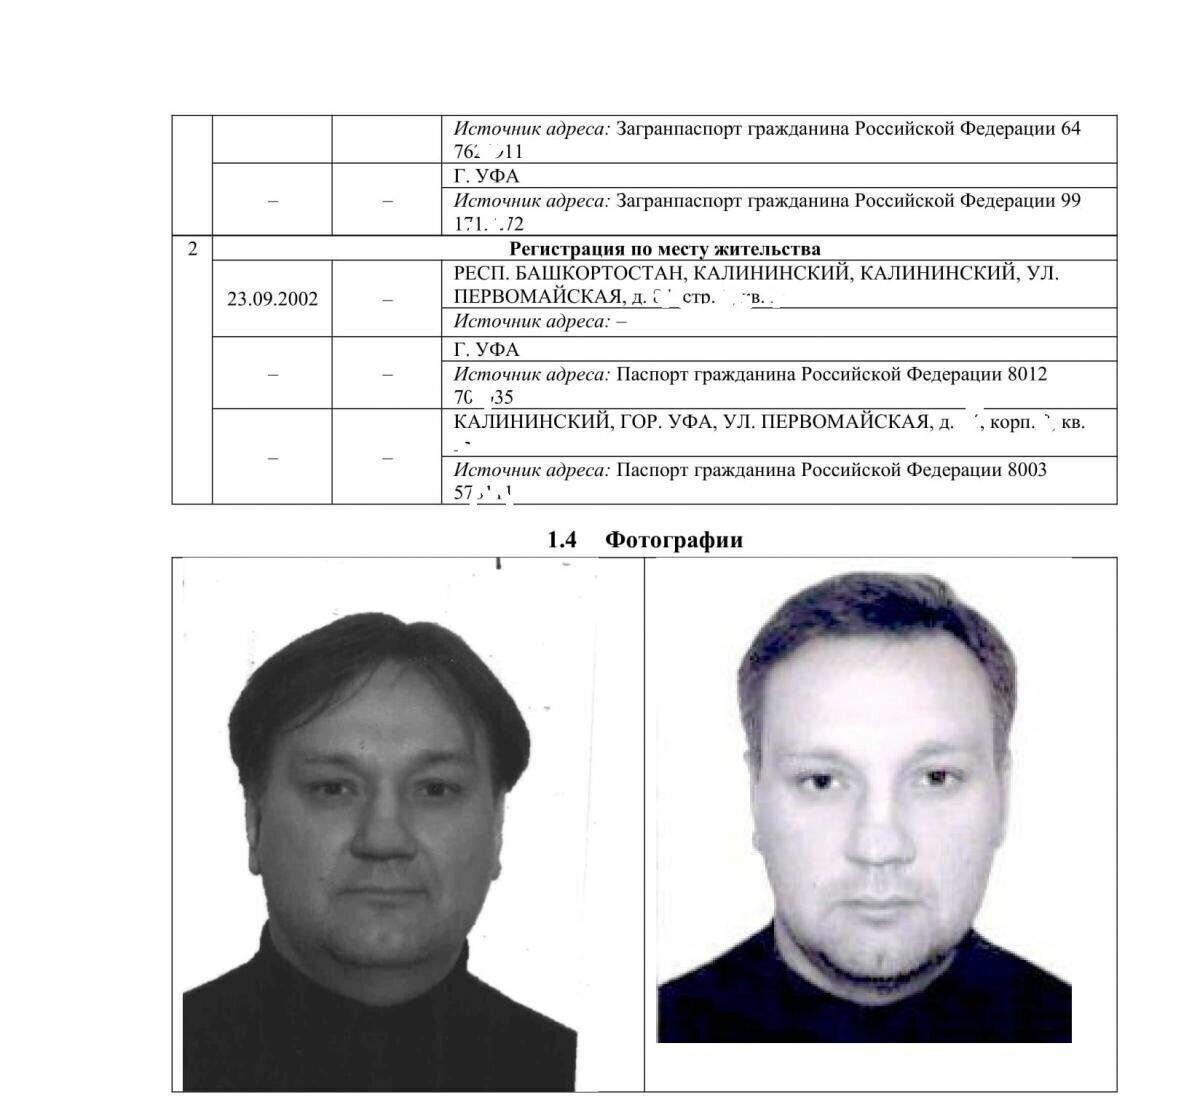 Копія російського паспорта Рожкевича, фото 3